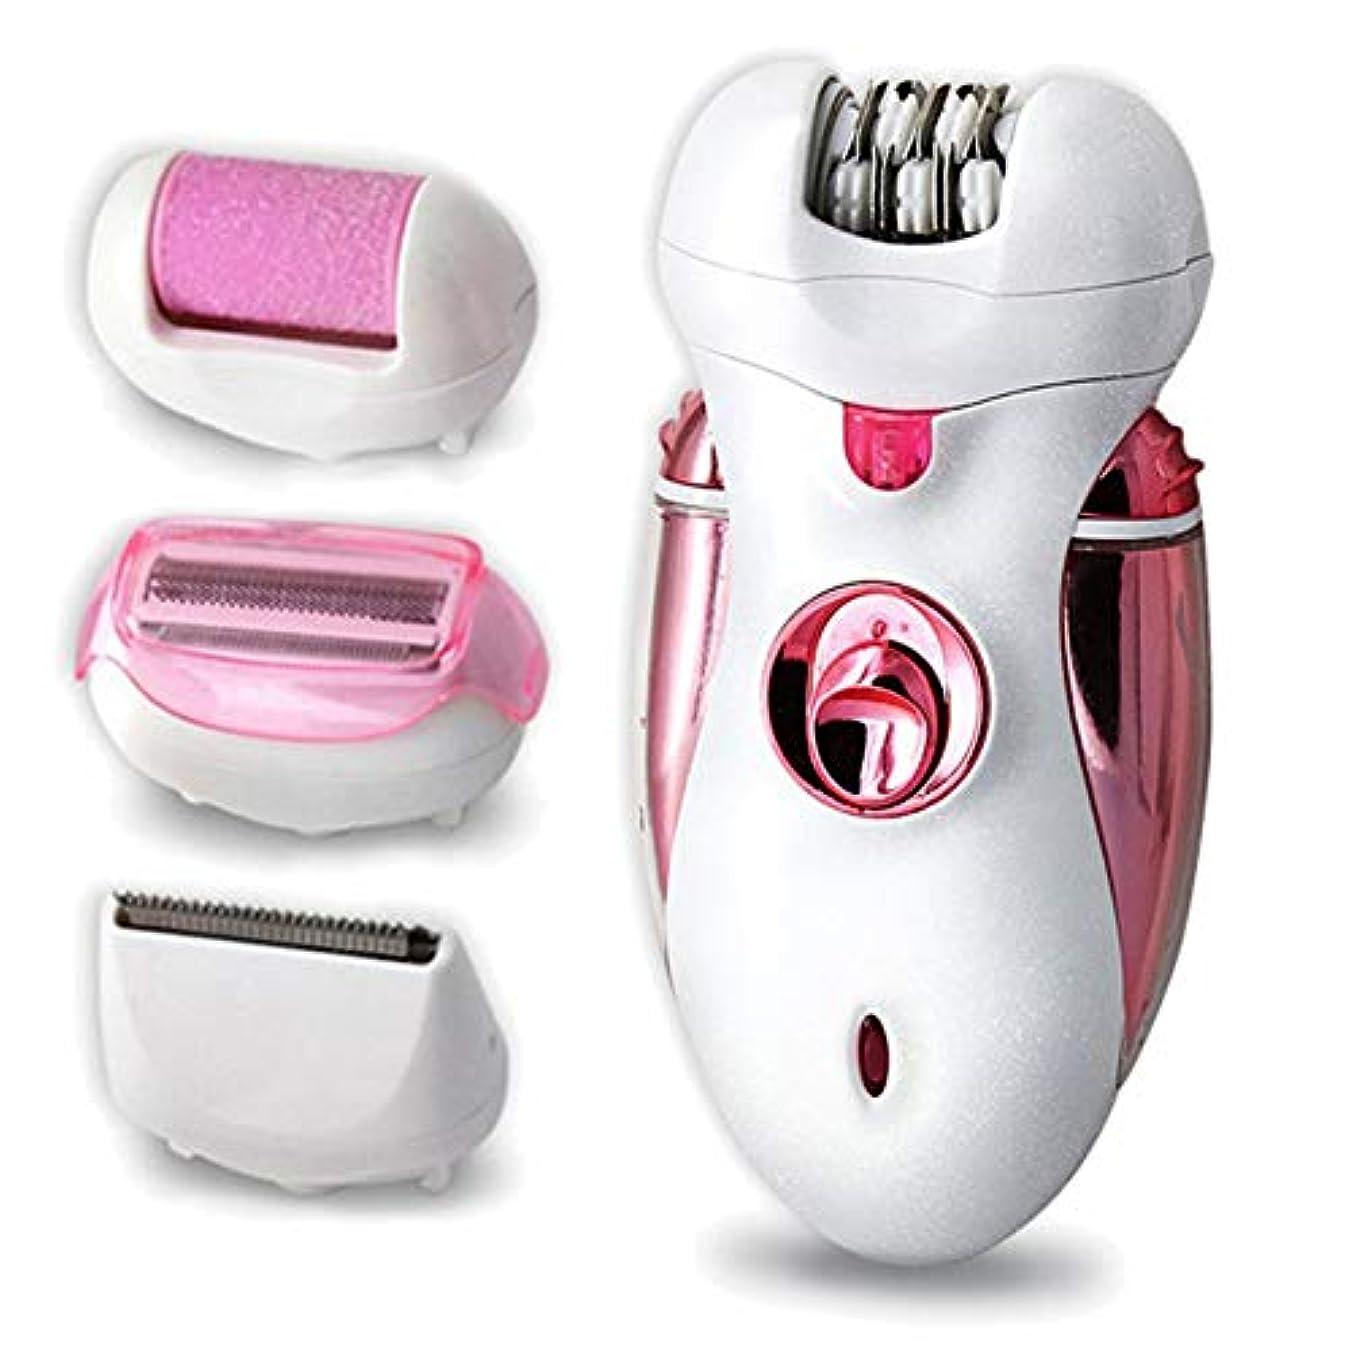 認可人事火女性用脱毛器、乾湿脱毛器、コードレス脱毛器および4つのエキストラ、LEDインジケータ、電気,A